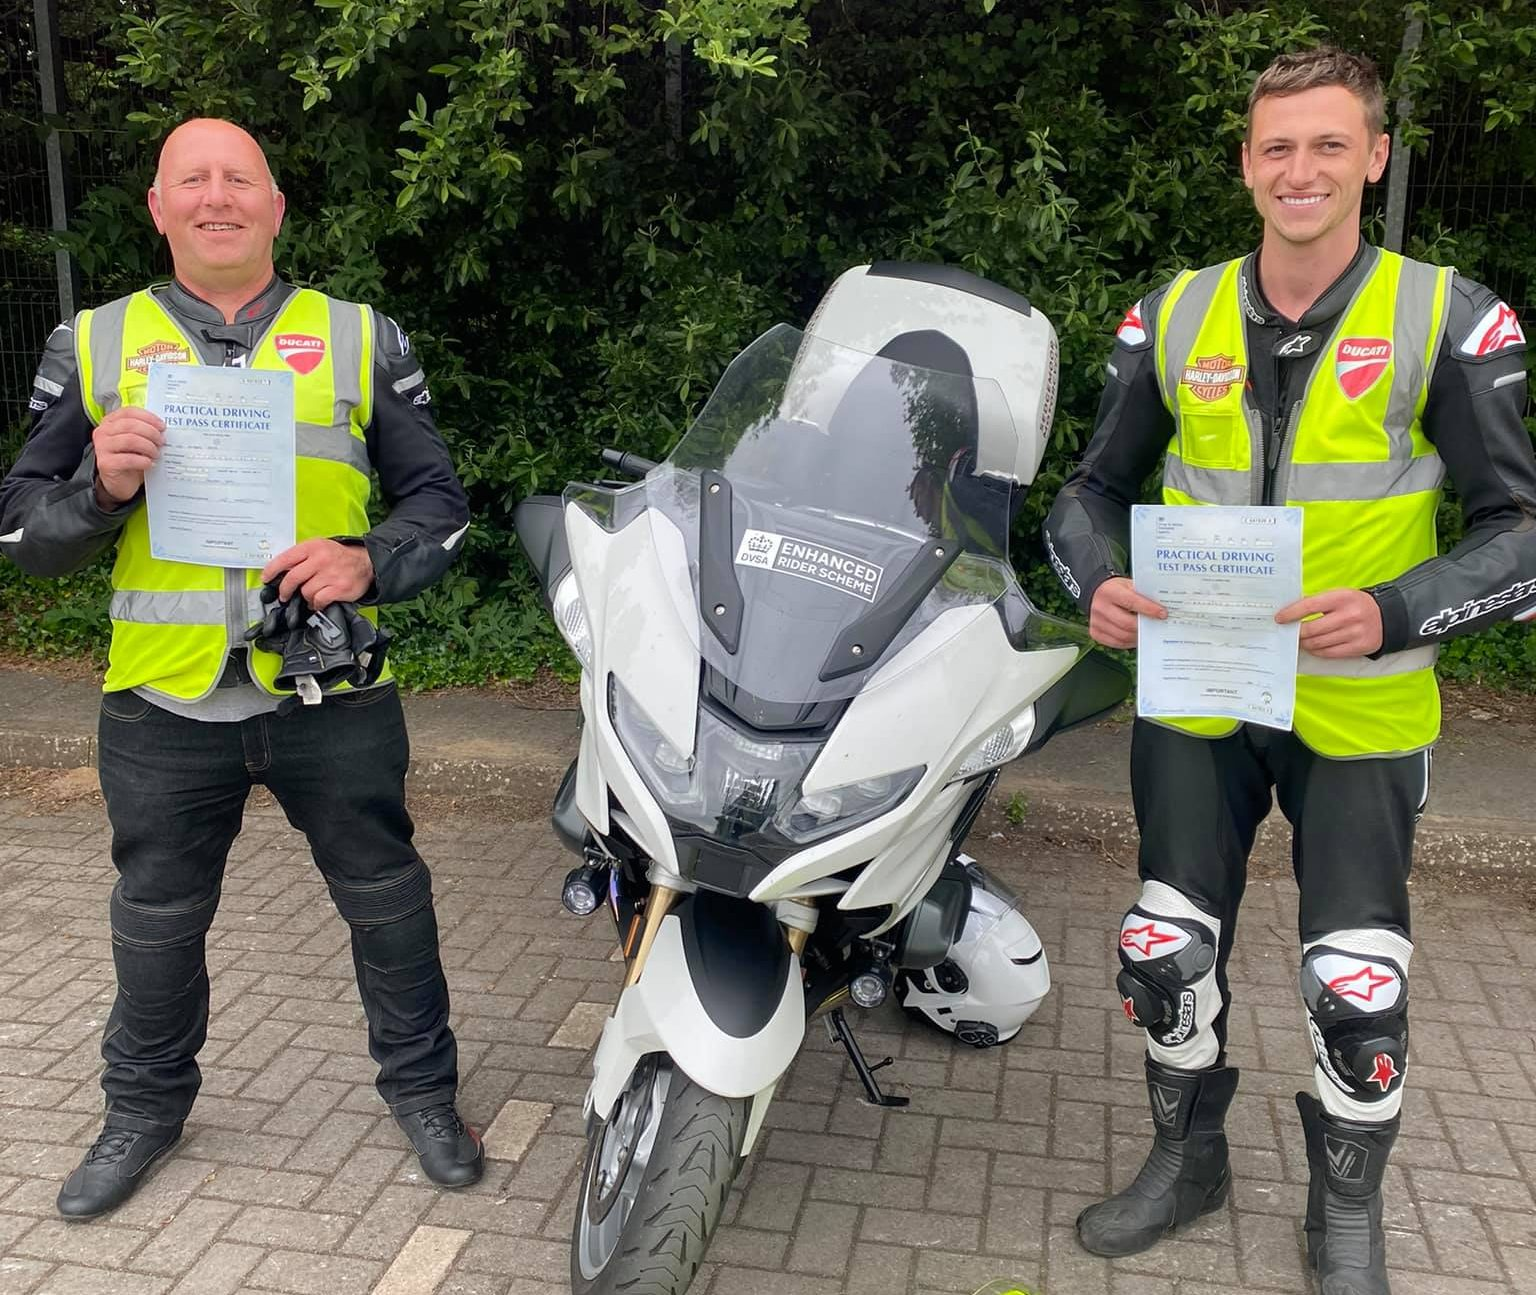 local riders pass motorbike test